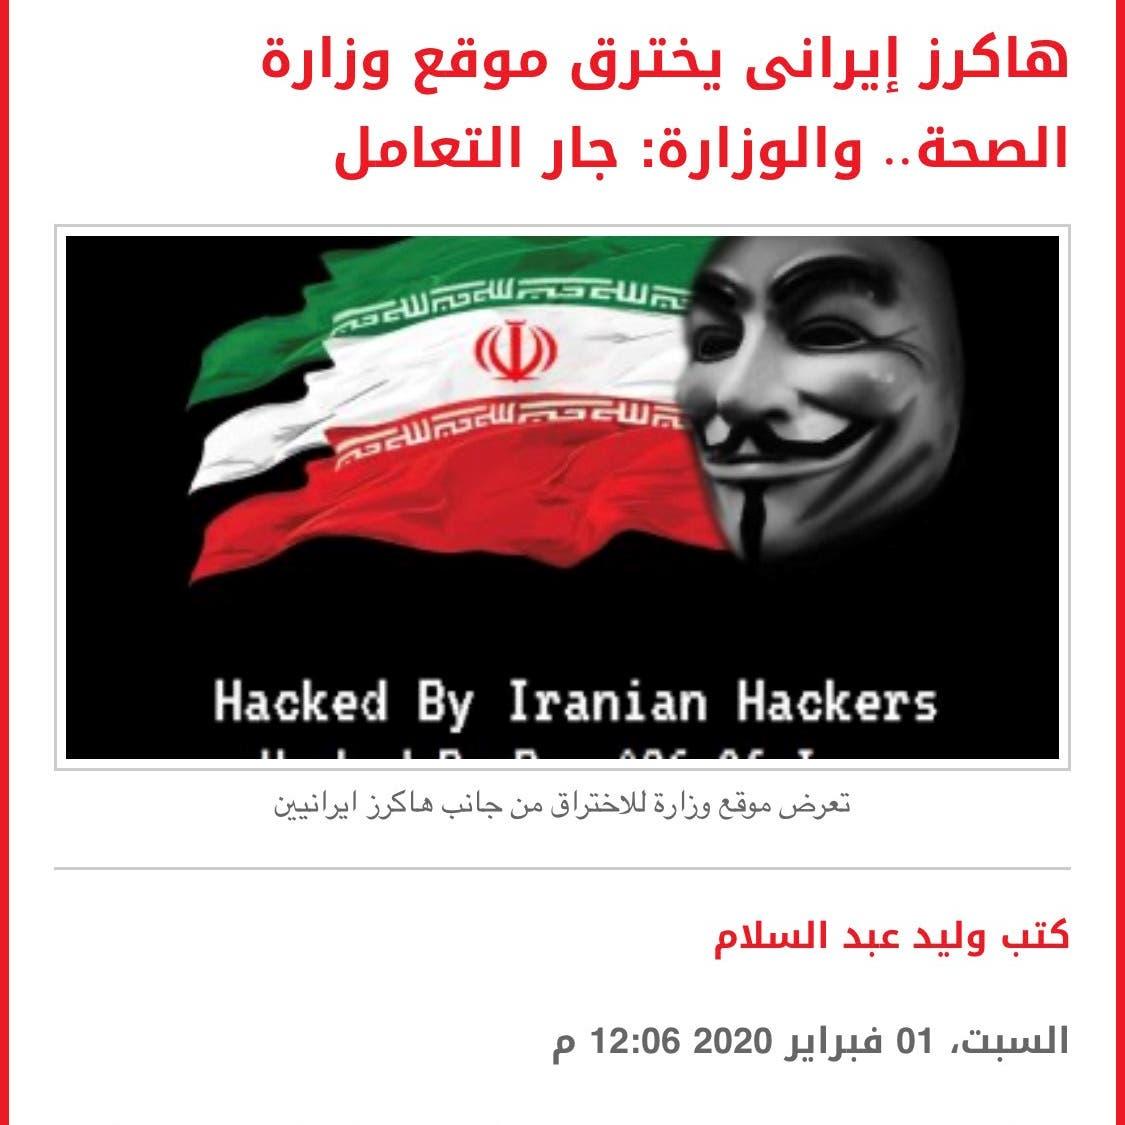 """مستغلين ثغرات سحابية.. إيرانيون يخترقون أهدافا """"مختارة بعناية"""""""